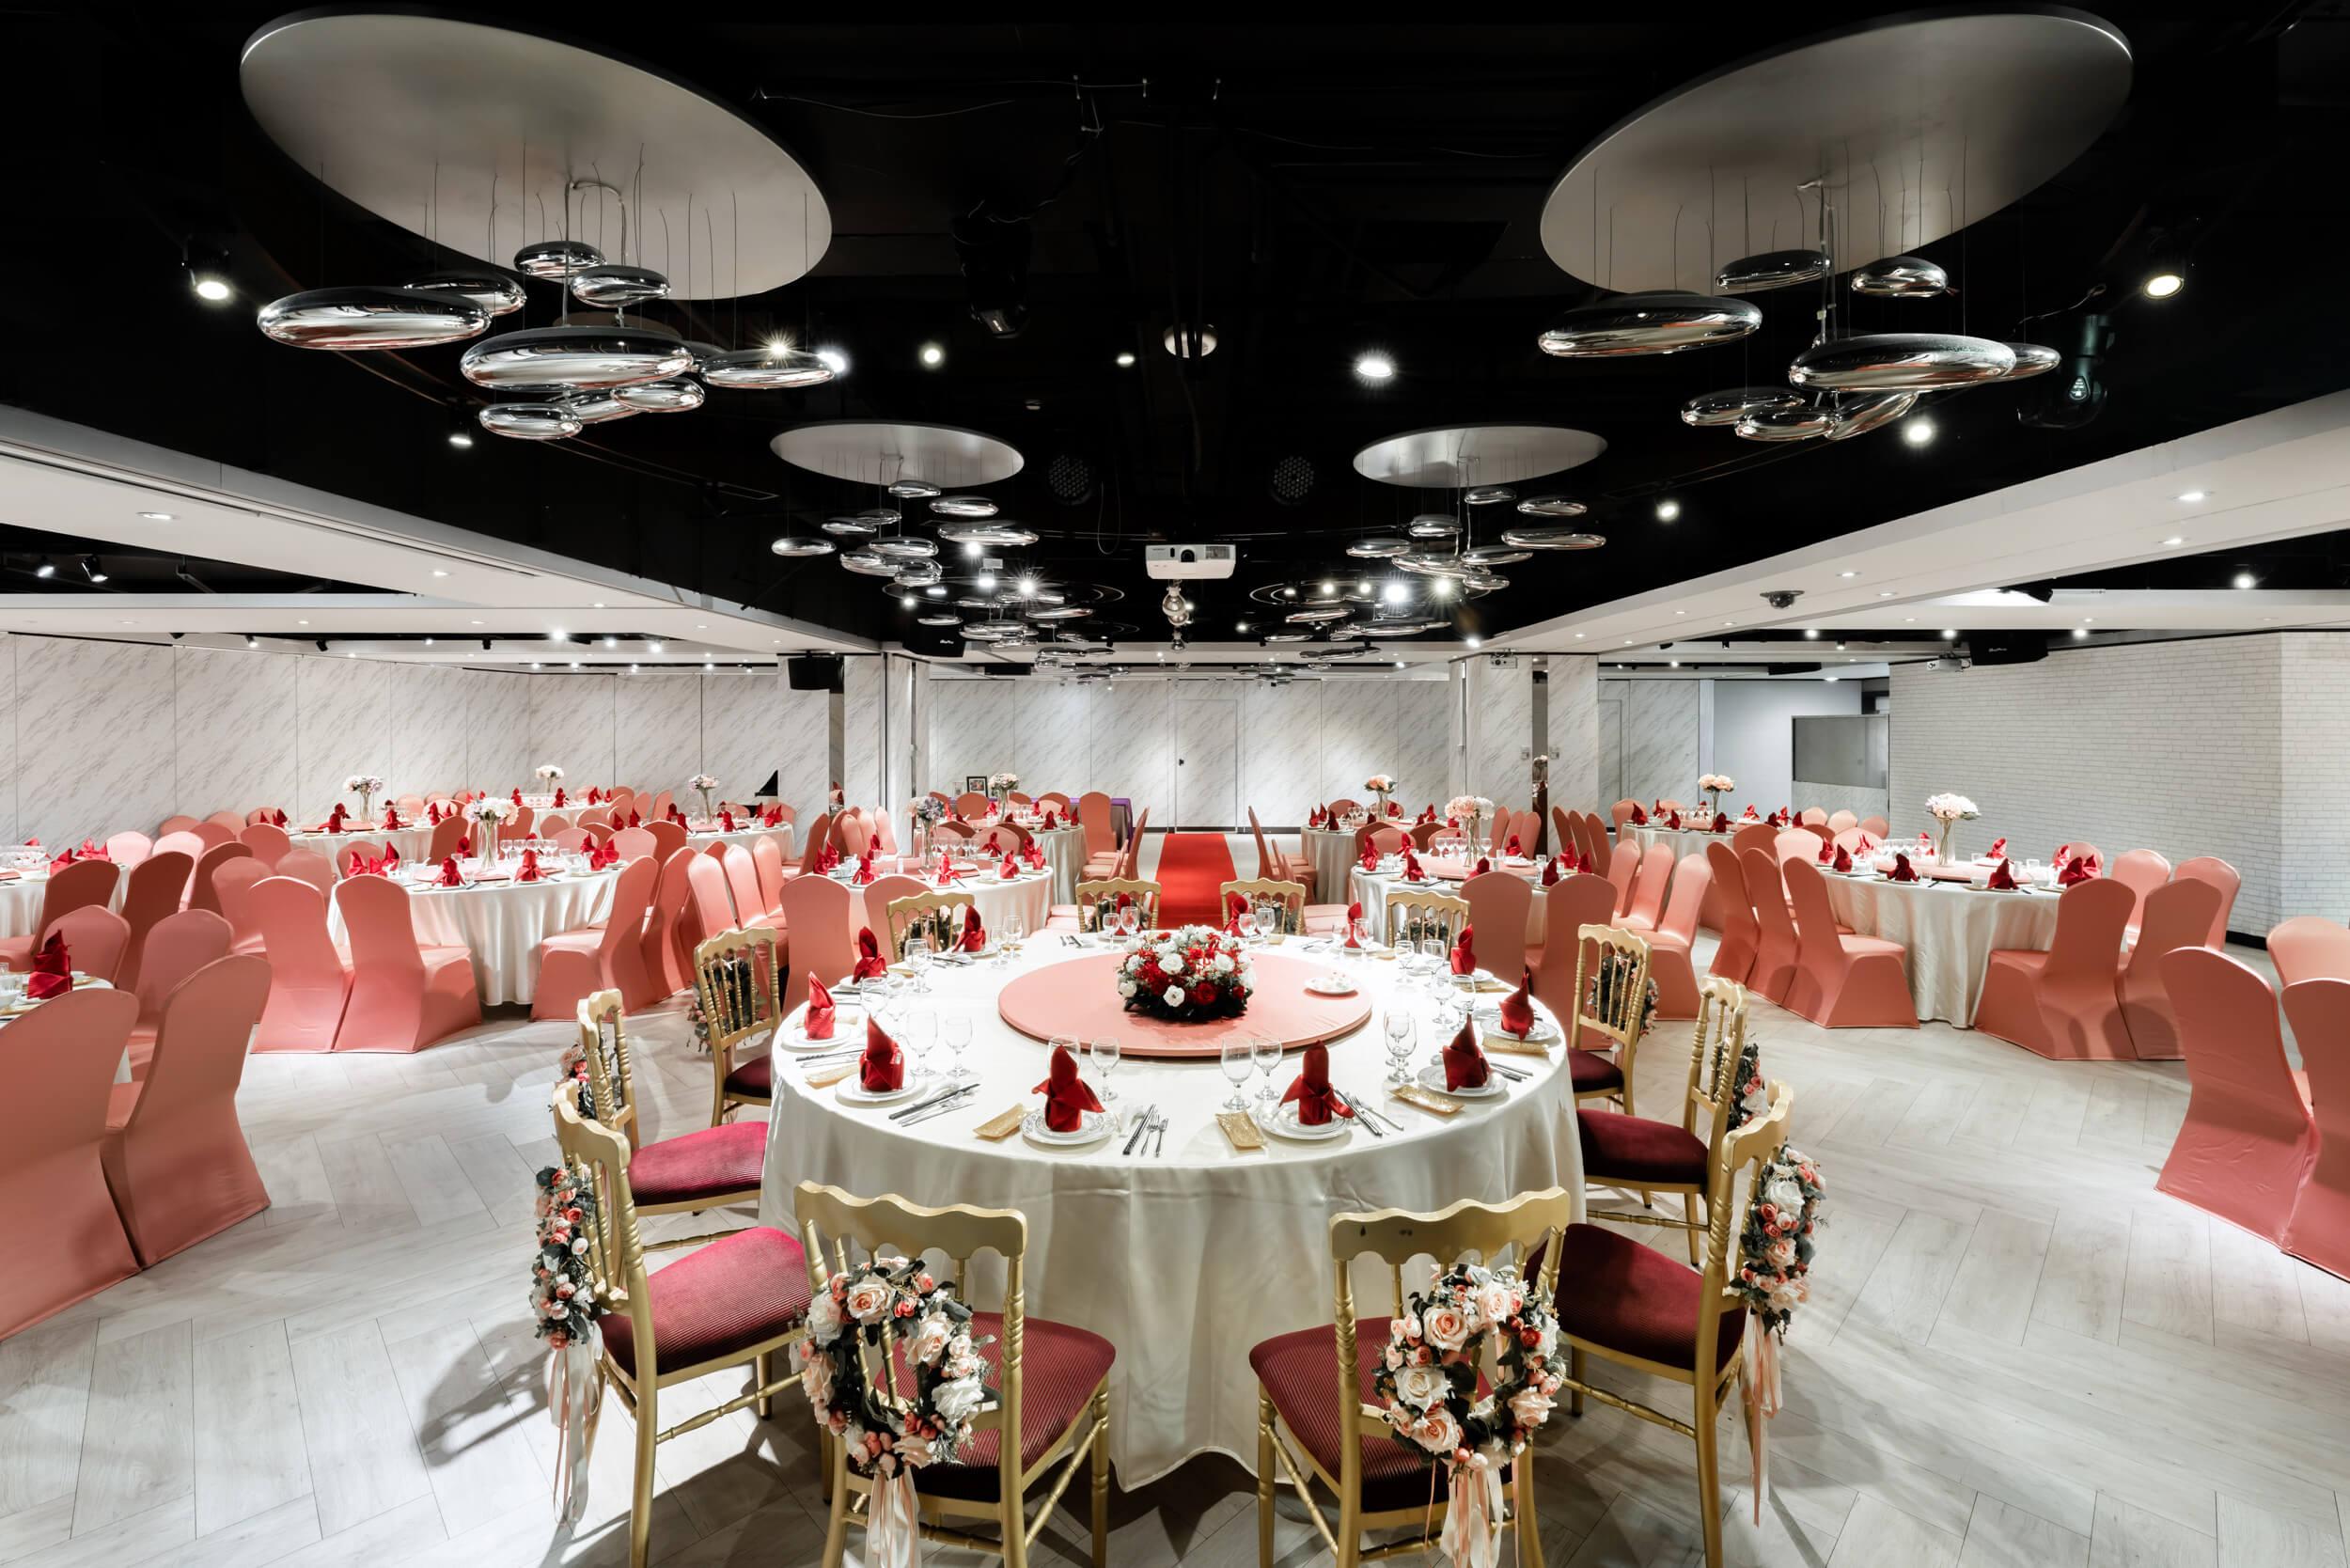 新北婚宴場地小桌數首選,為您打造無負擔婚禮